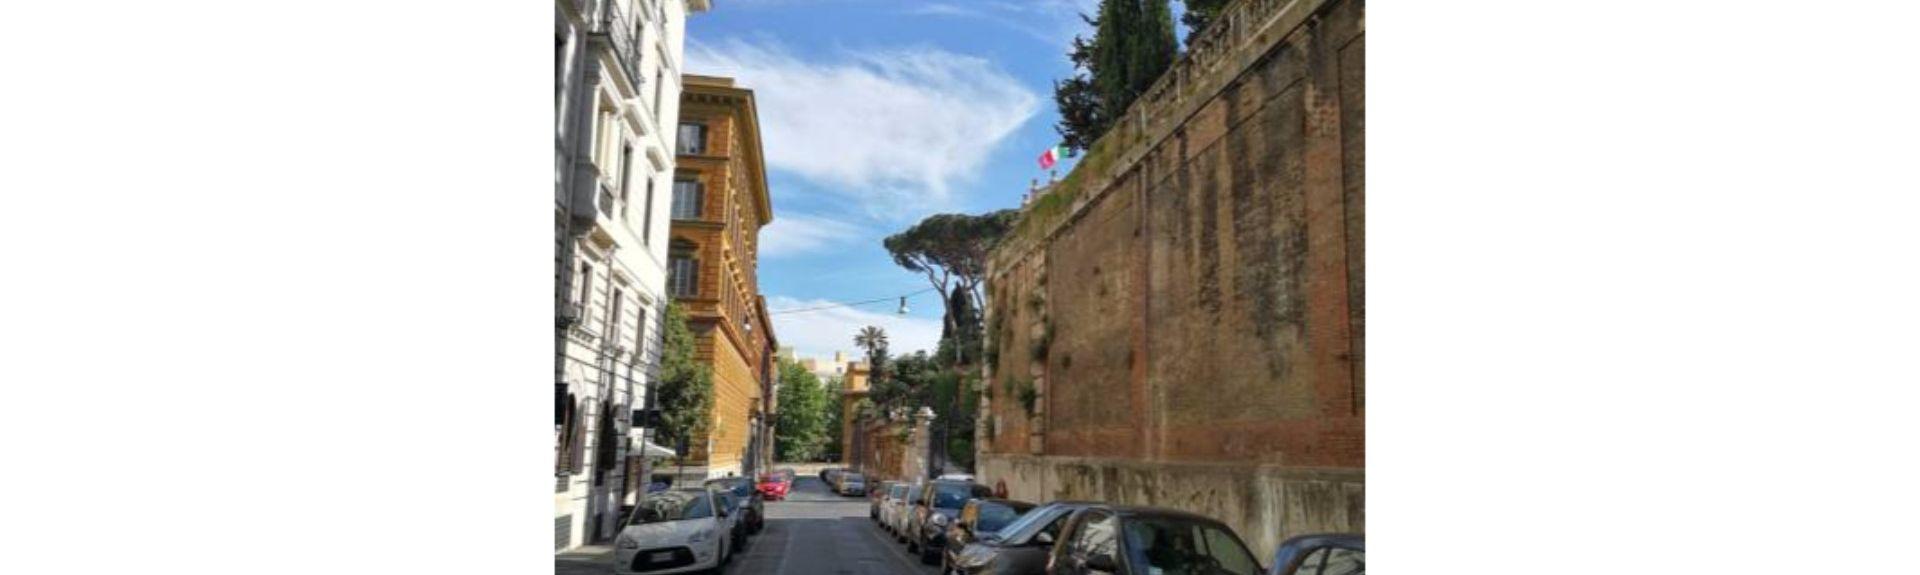 Fontana di Trevi, Rione II Trevi, Roma, Lacio, Italia